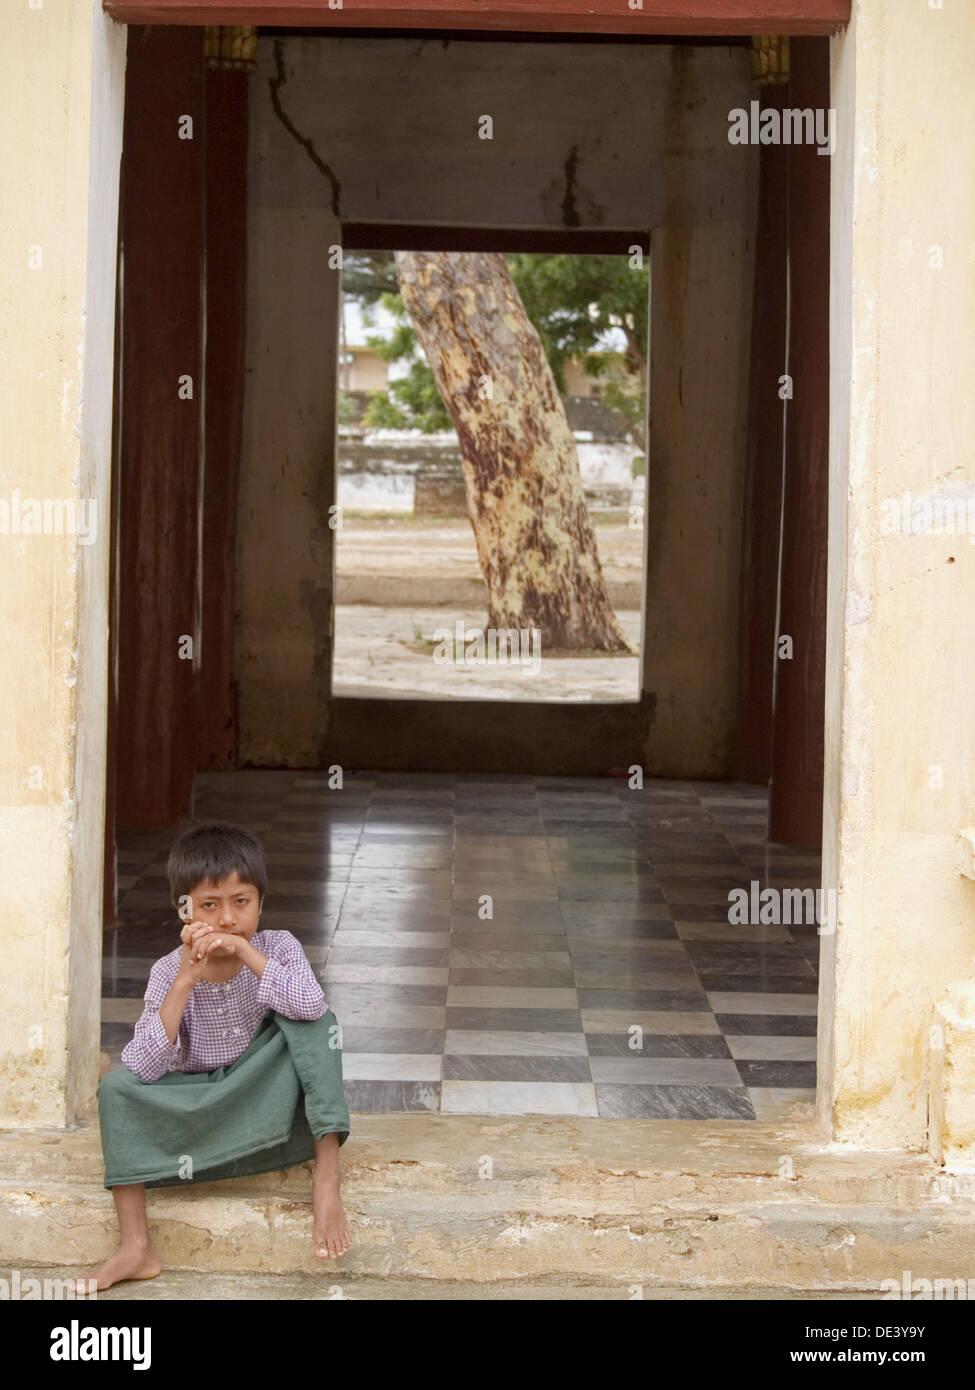 Boy in a doorframe in Bagan, Myanmar - Stock Image